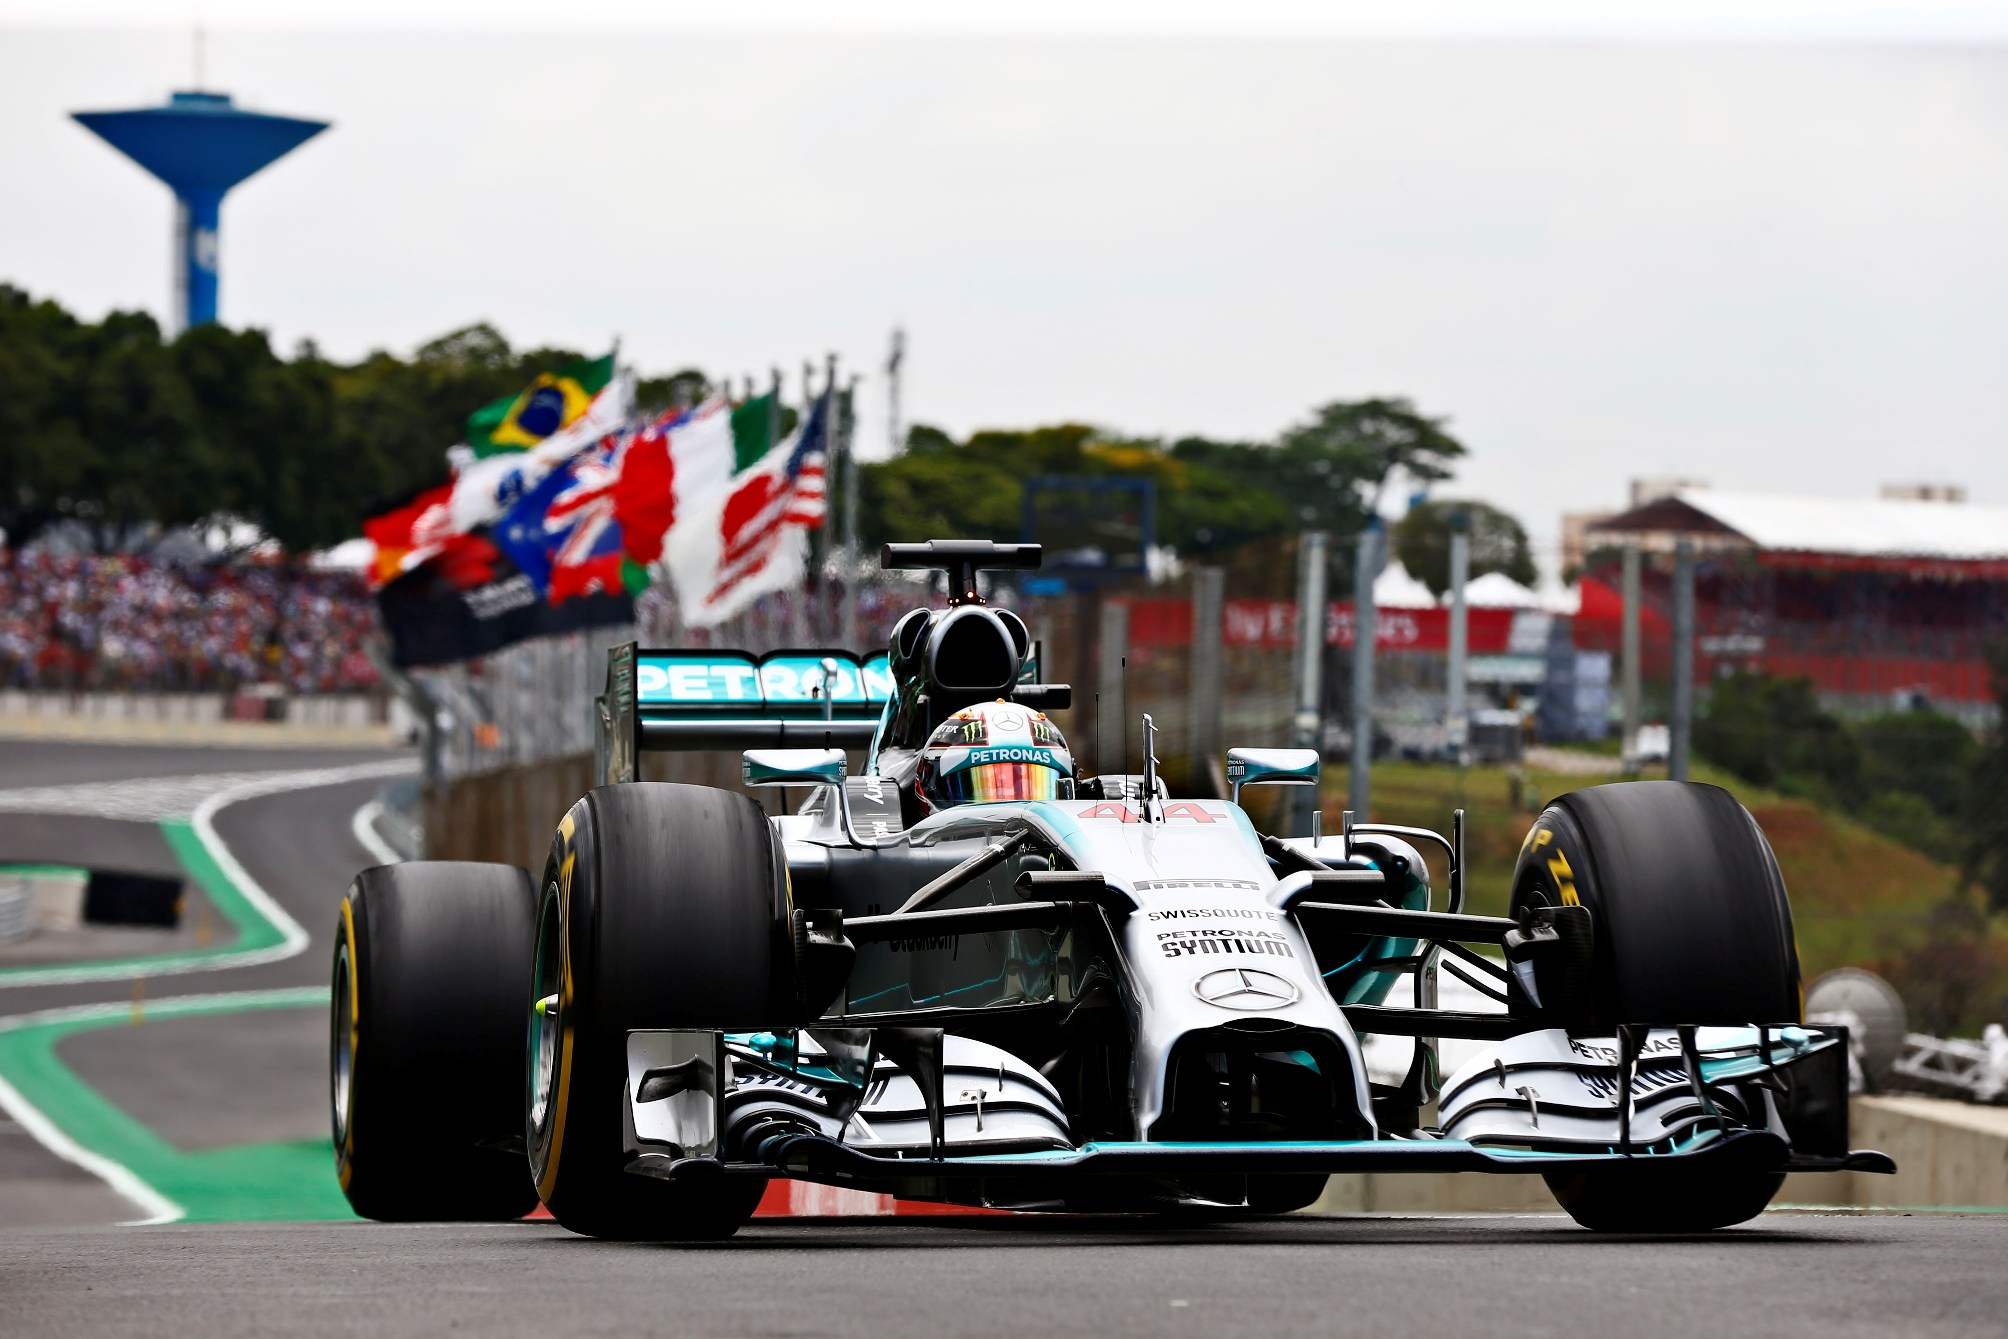 Victorie pentru Rosberg in Brazilia